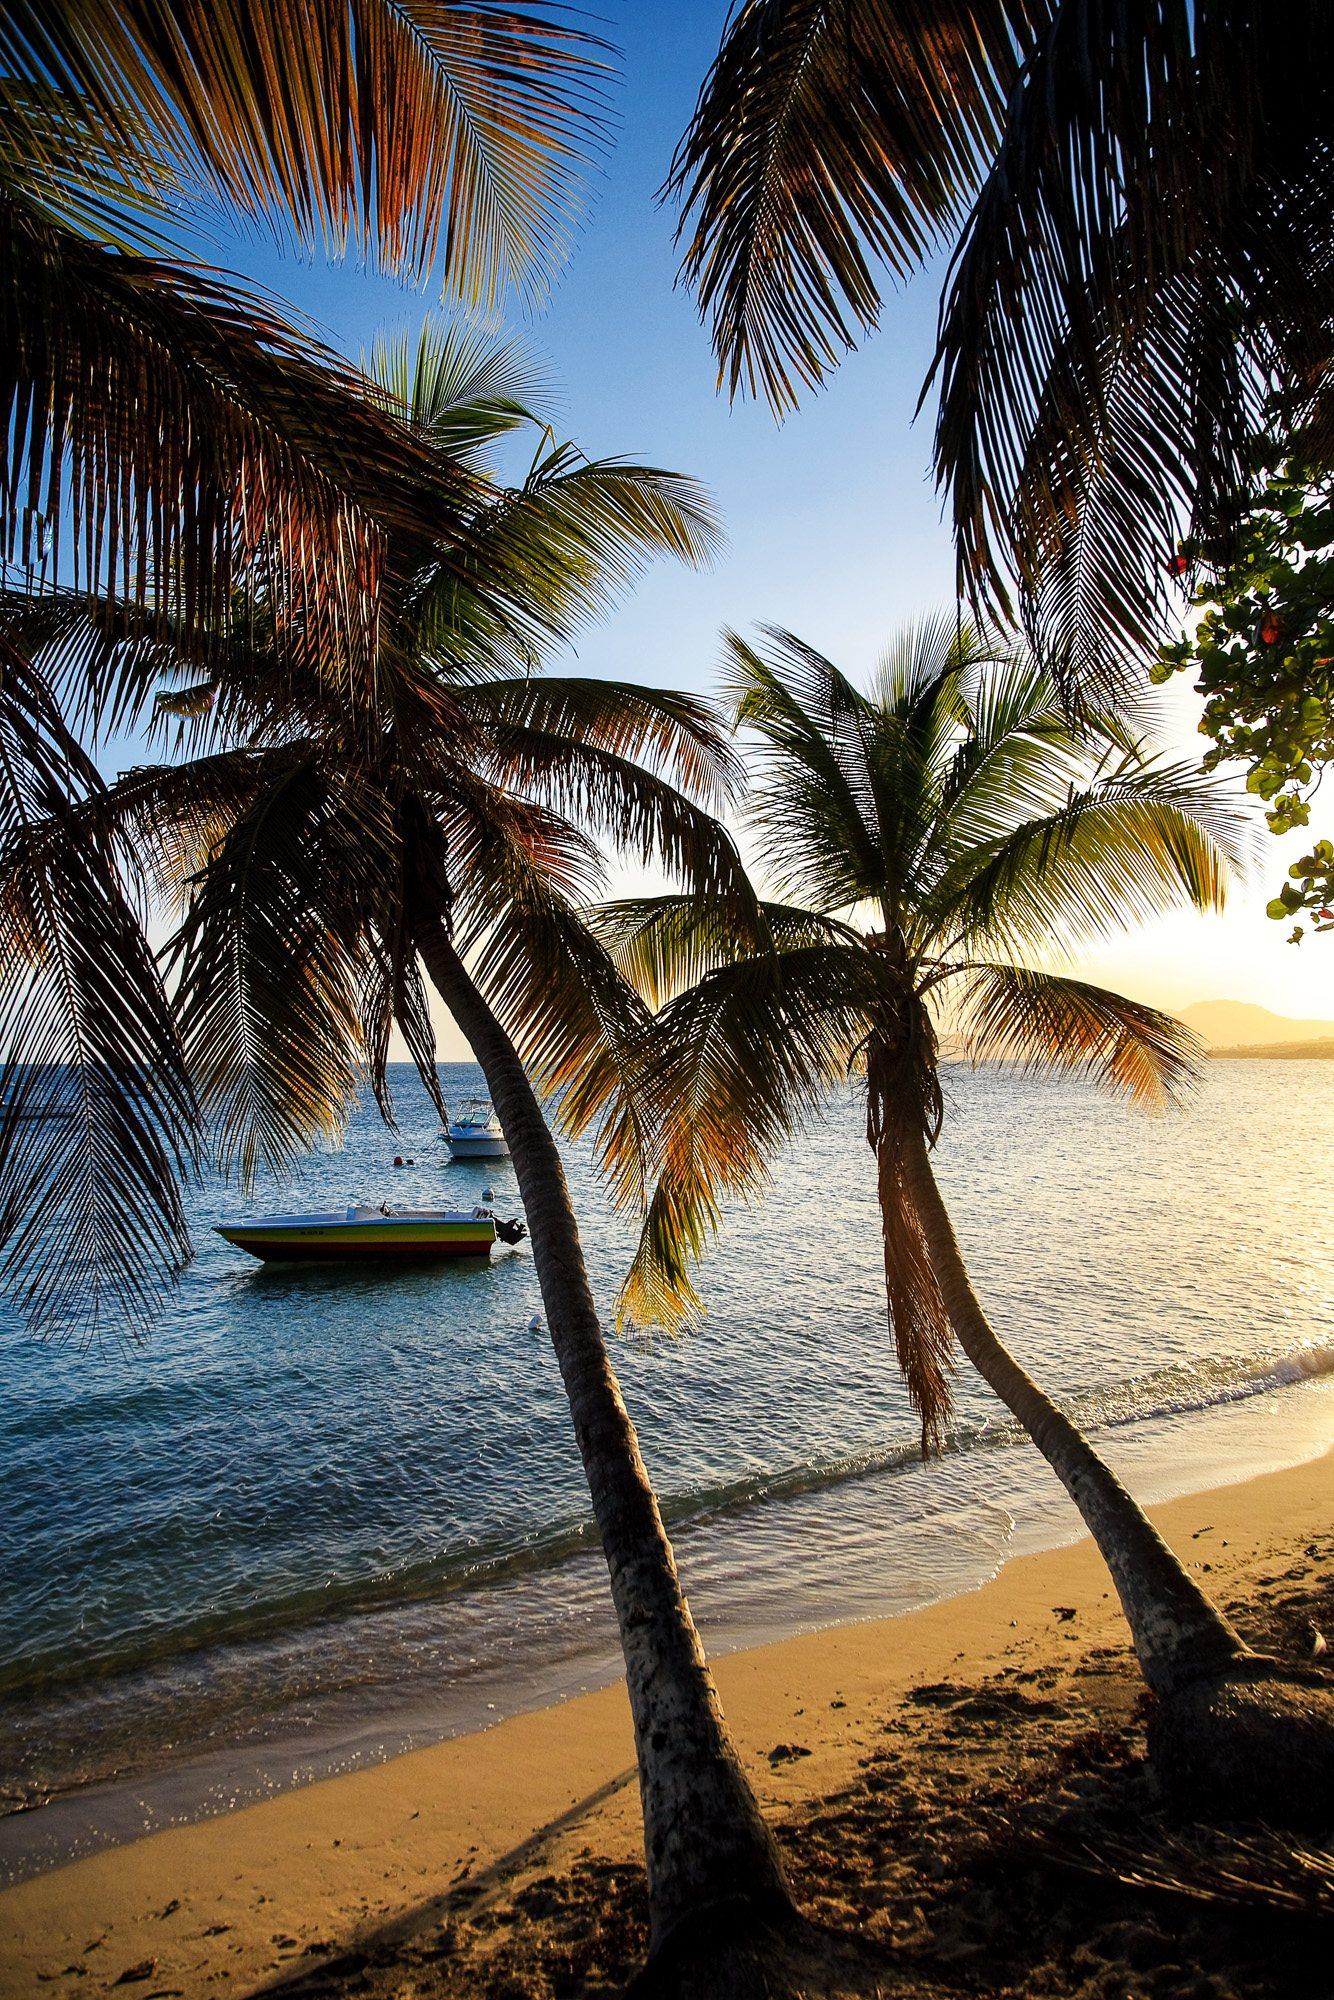 Aguadilla, Puerto Rico: el vértice noroeste de la isla de Puerto Rico guarda la atractiva playa de Aguadilla, una lengua de arena bordeada por palmeras que se tiñen de naranja cuando el sol empieza a hundirse en el Caribe. Submarinismo, snorkel, paseos a pie, windsurf... Aguadilla y la cercana isla de Culebra ofrecen mil actividades para aprovechar al máximo los días.